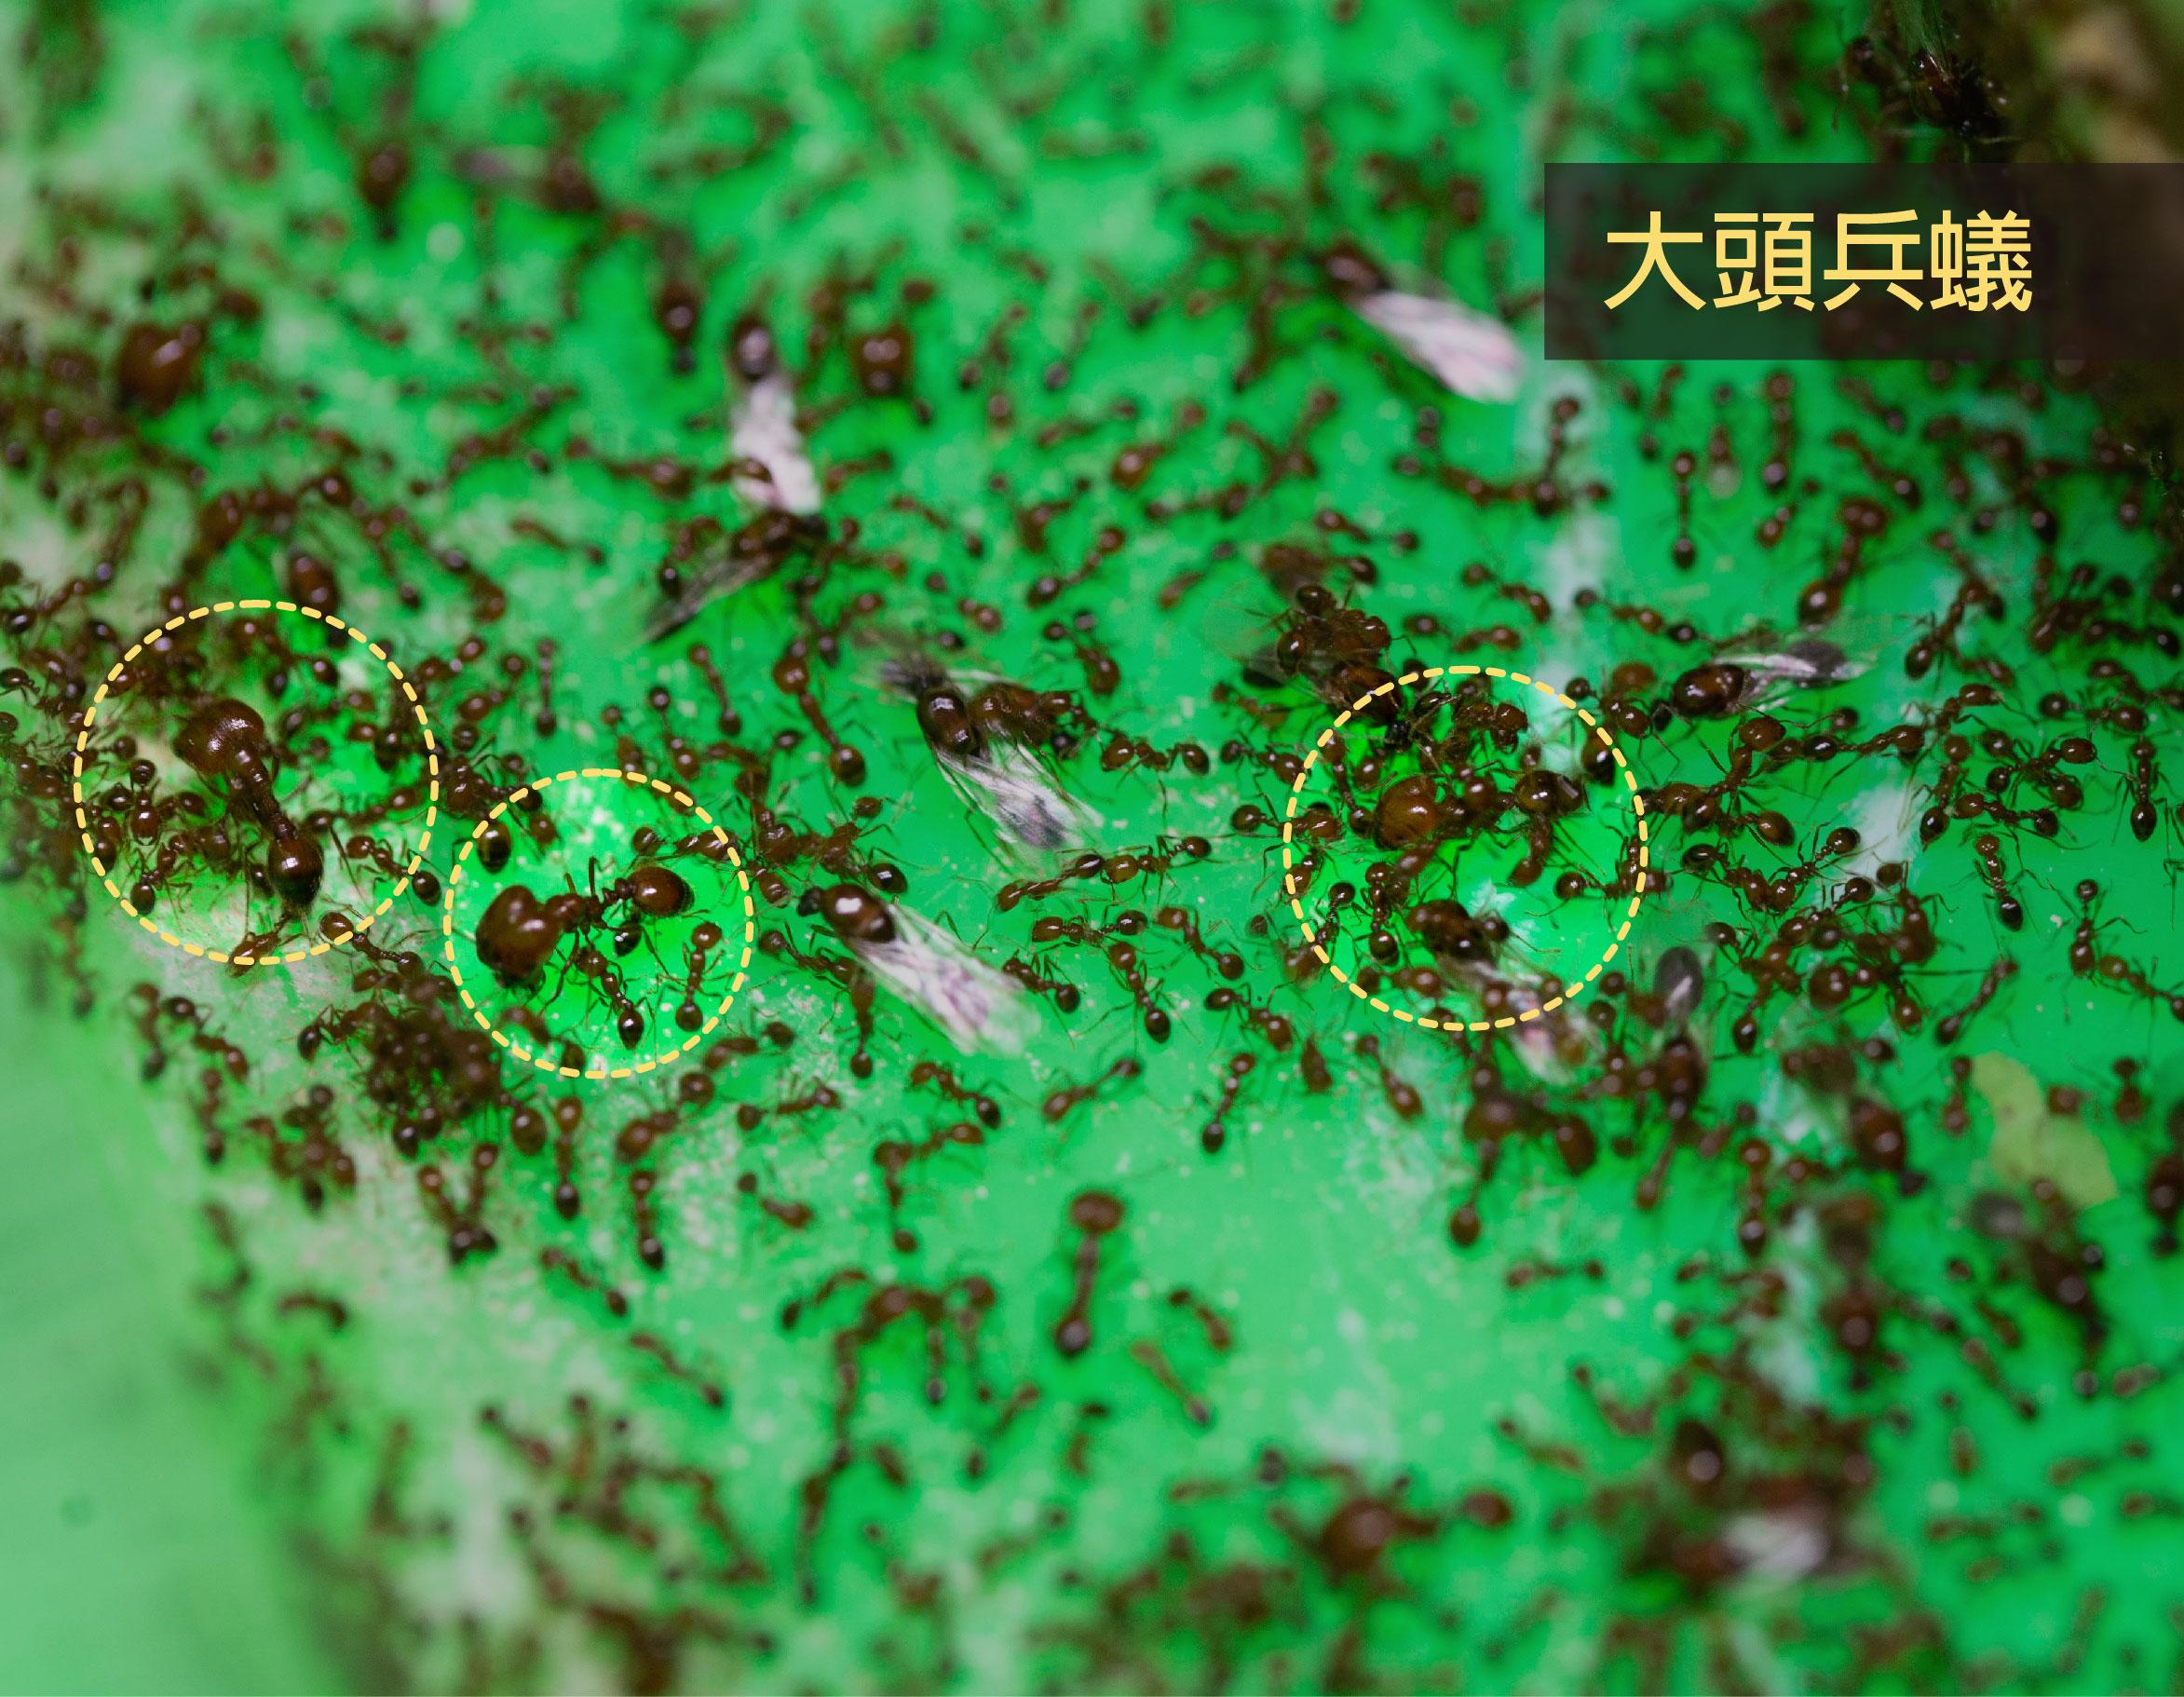 熱帶火蟻有大頭兵蟻,入侵紅火蟻沒有兵蟻,只有工蟻,可用來區別兩種火蟻。攝影│林洵安